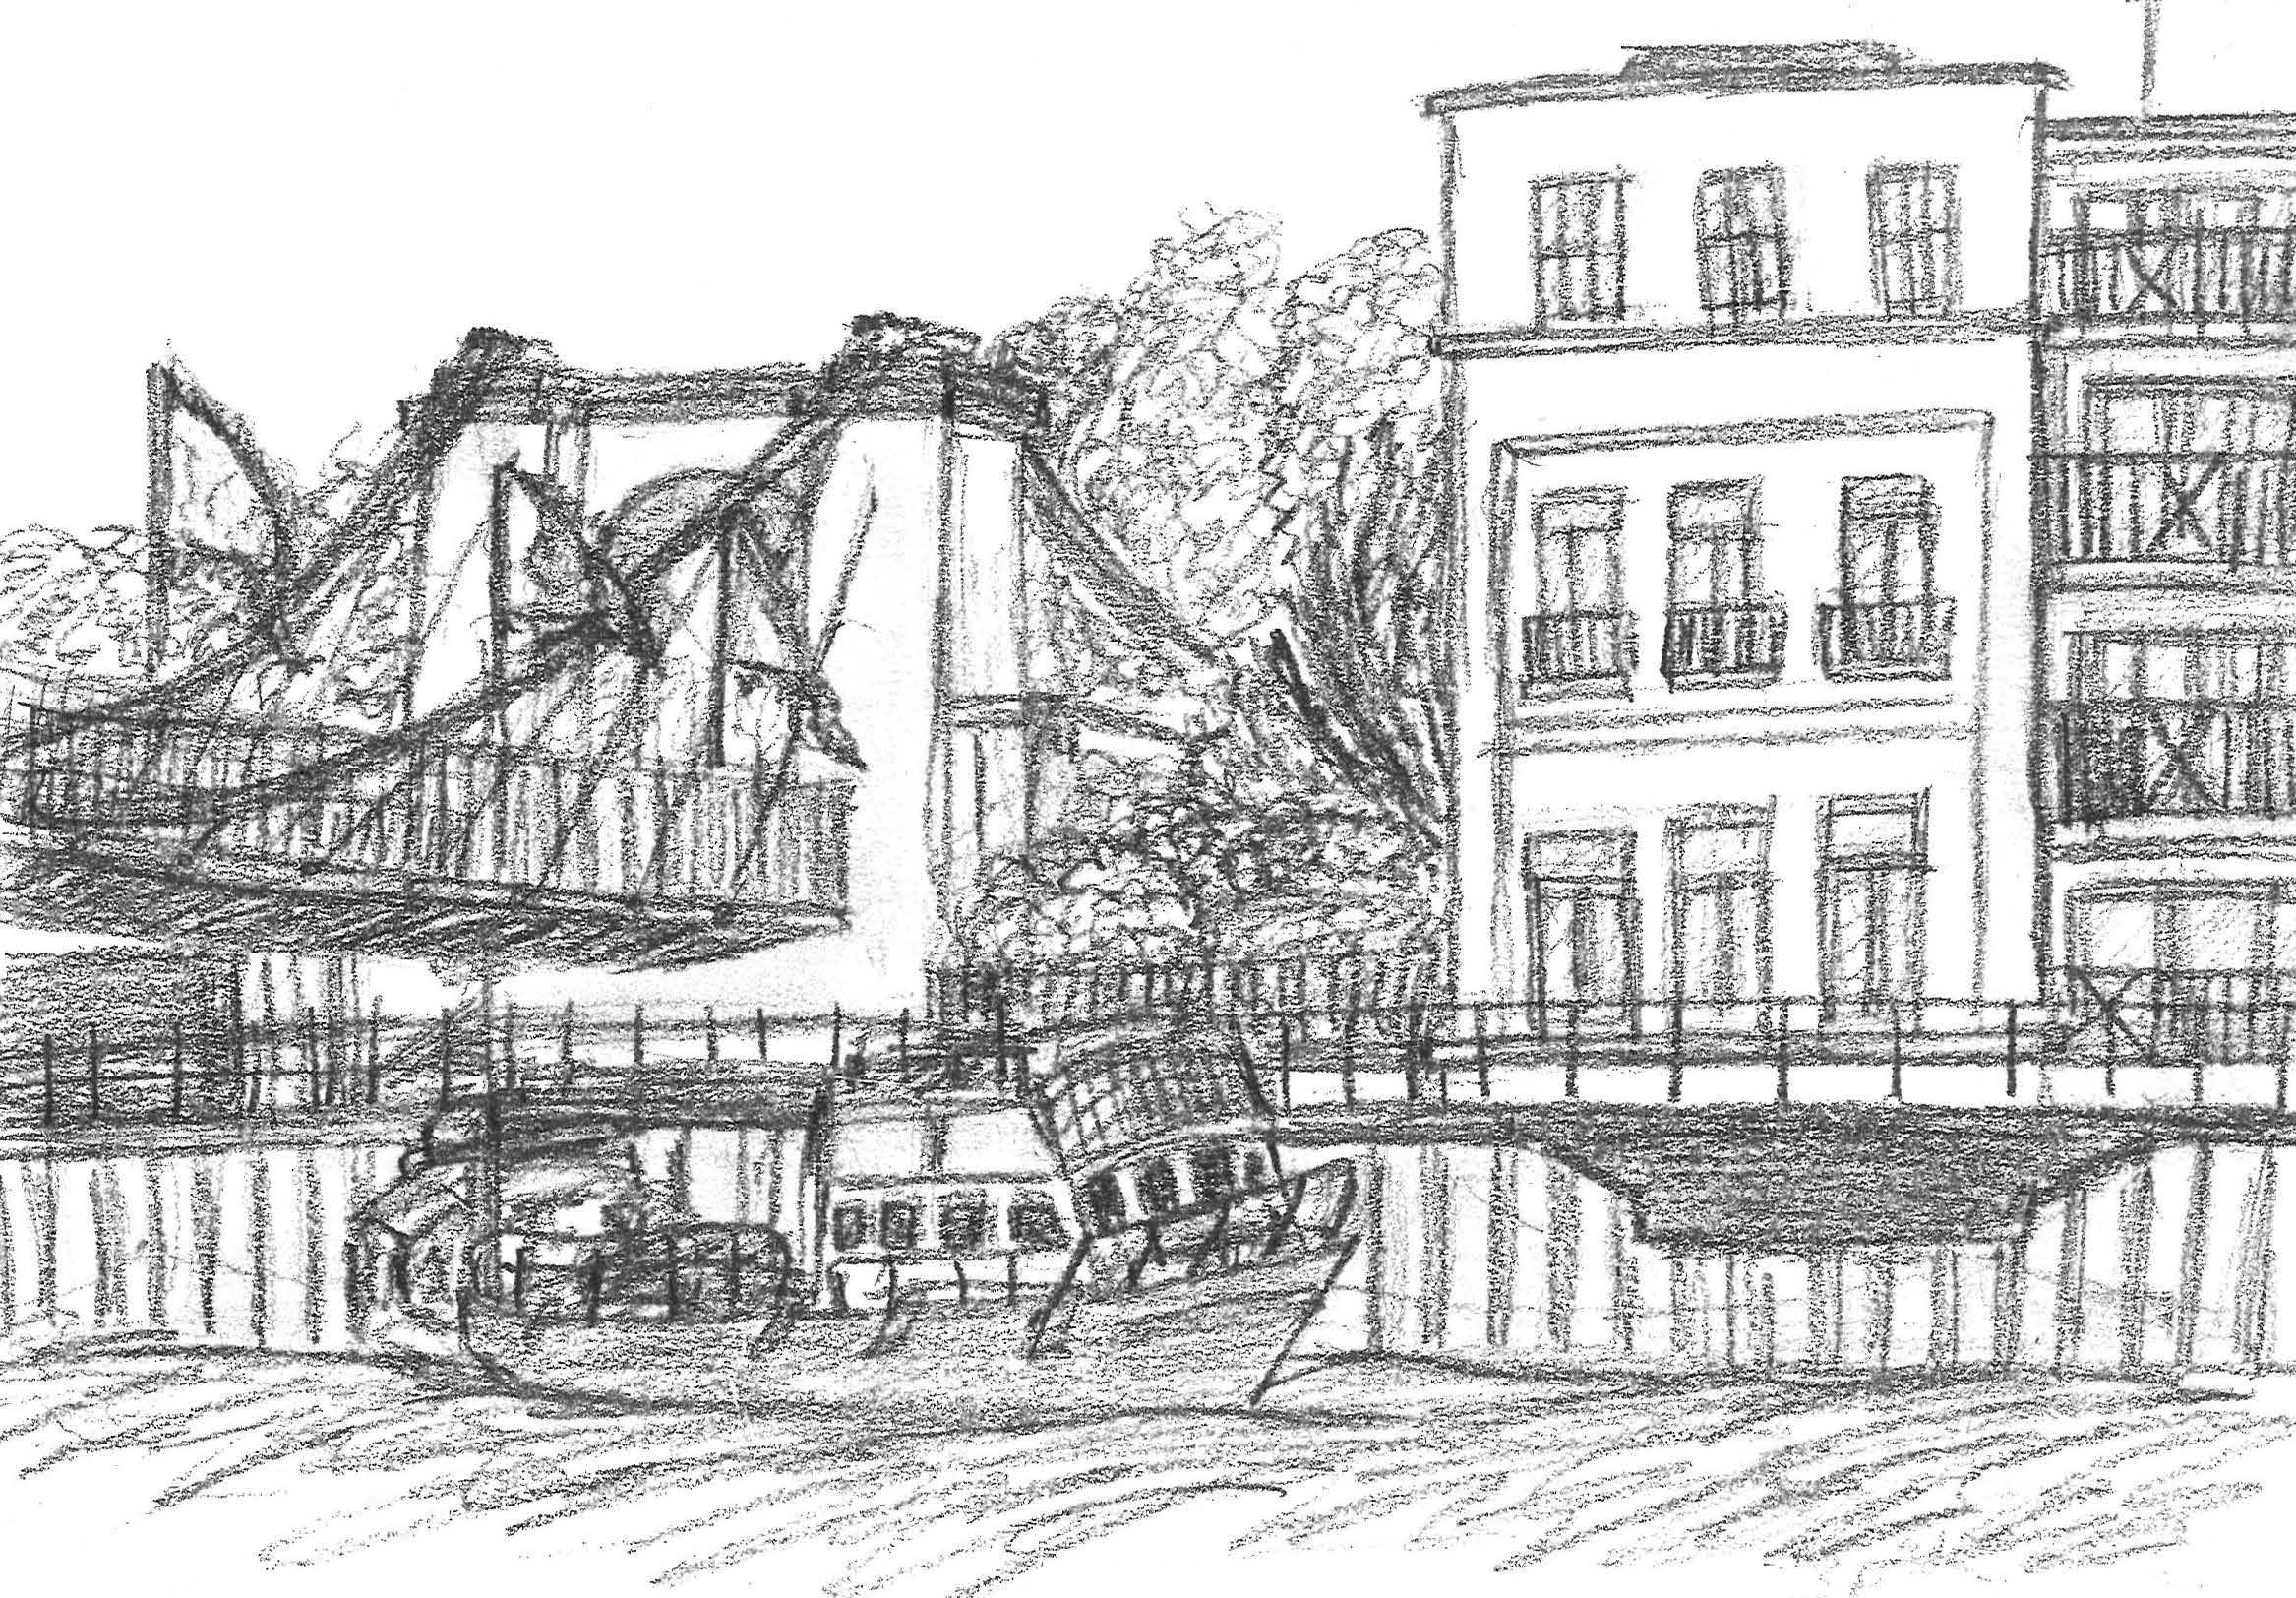 Victoria Bridge & the River Avon